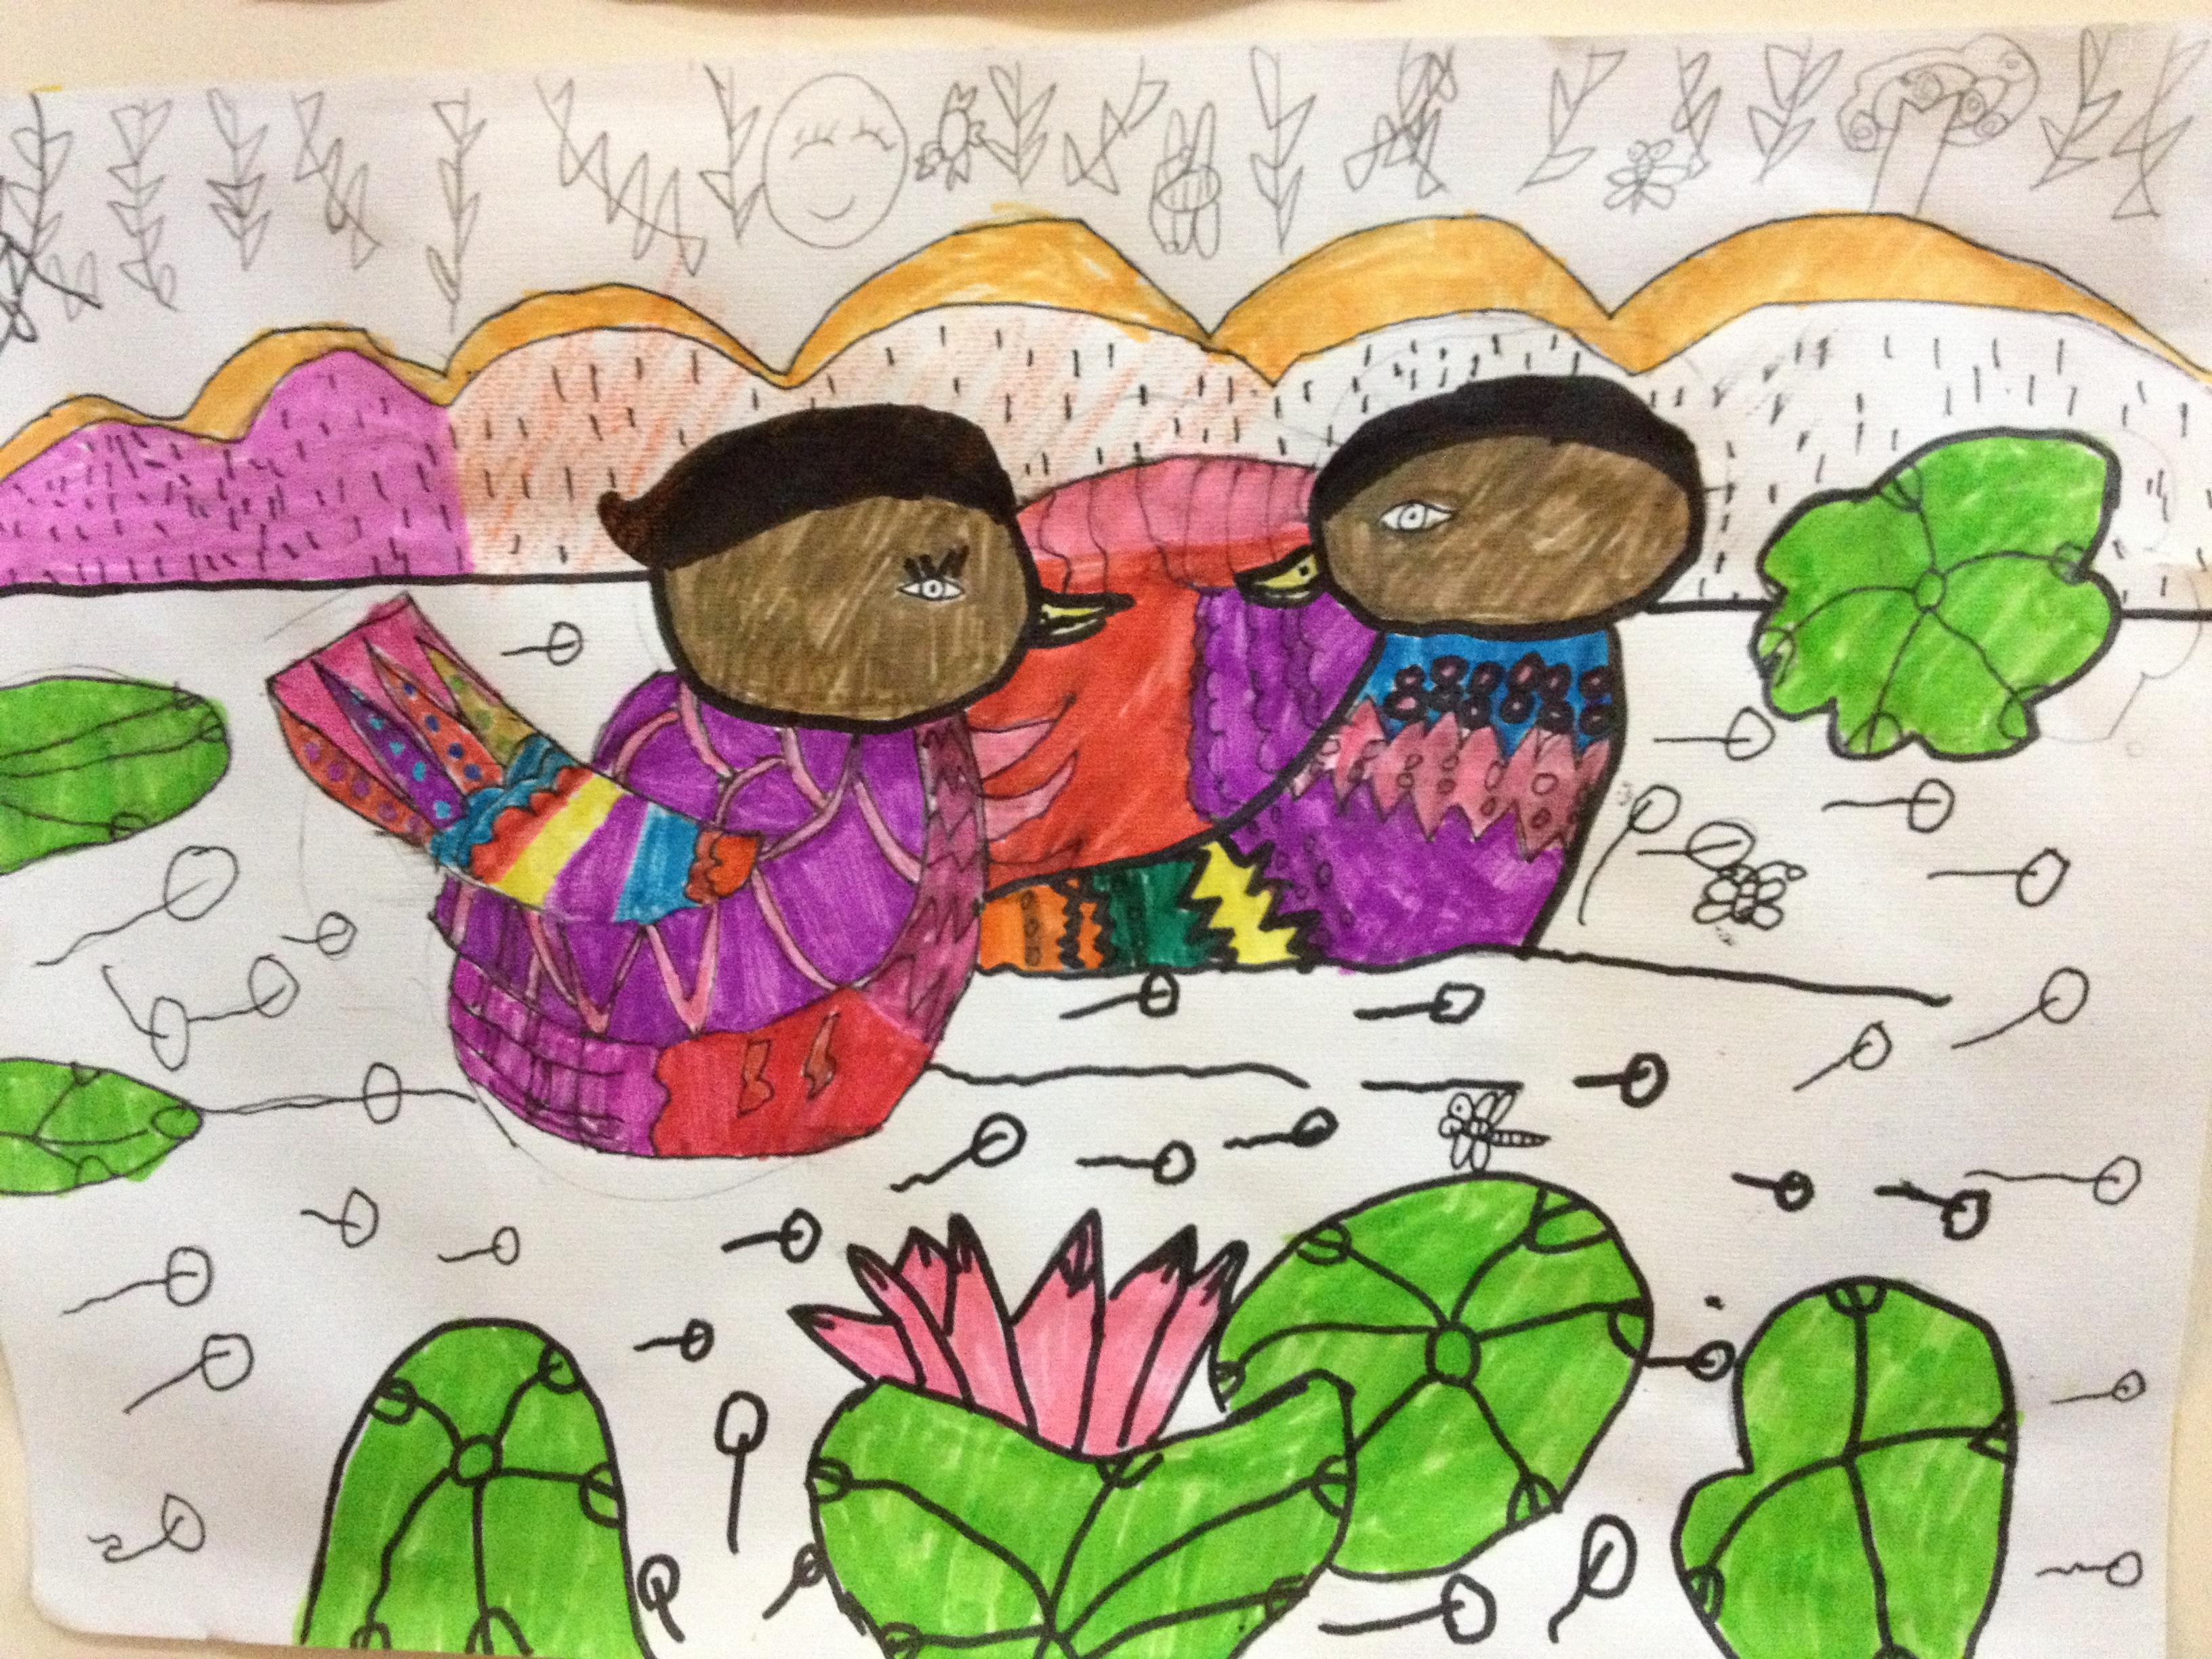 画出我的梦想 - 儿童节创意游戏设计